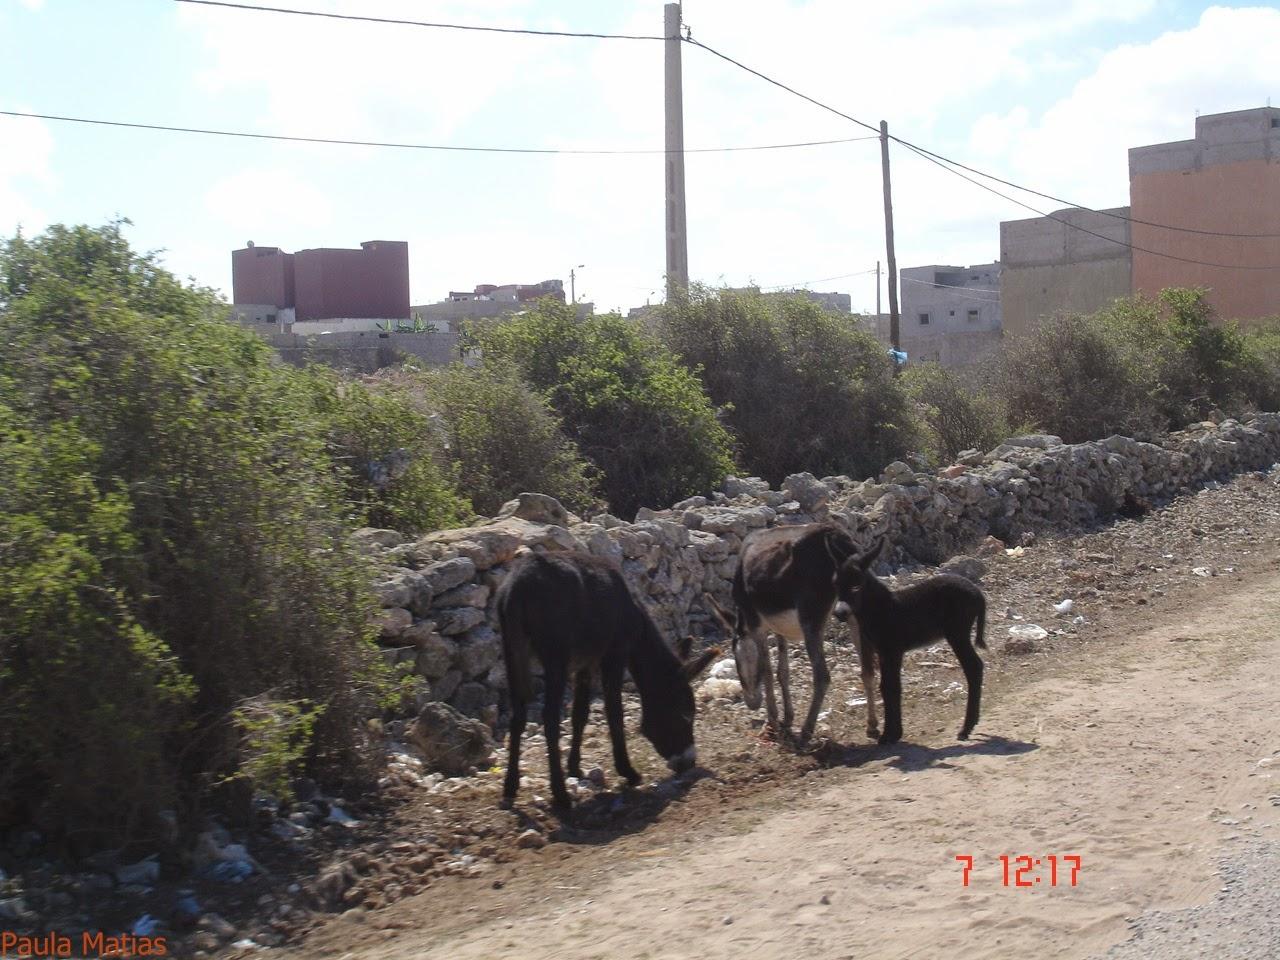 marrocos - Marrocos 2014 - O regresso  DSC03220_new